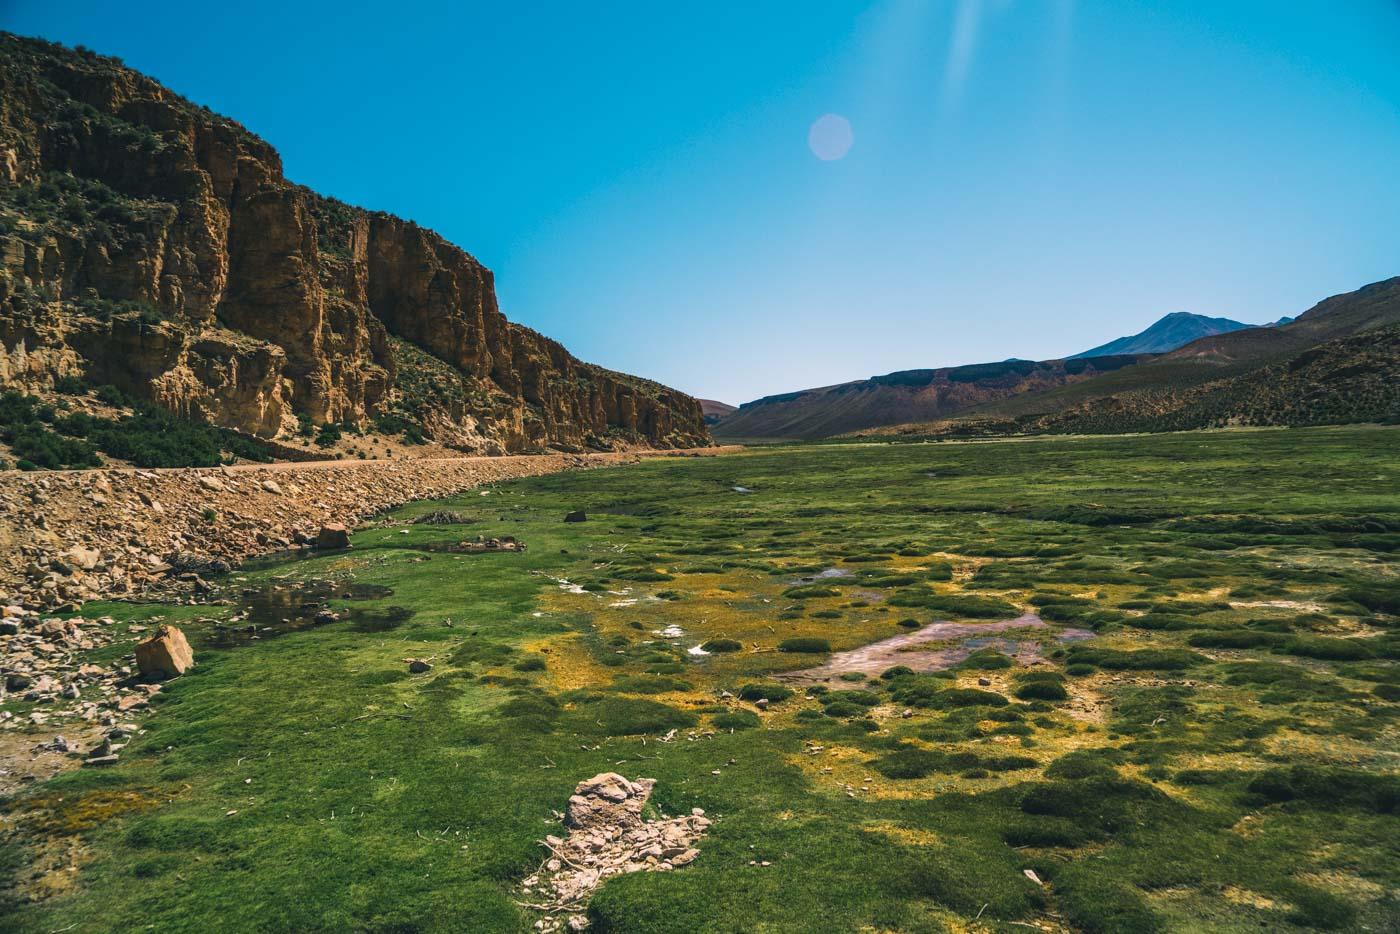 Llama valley